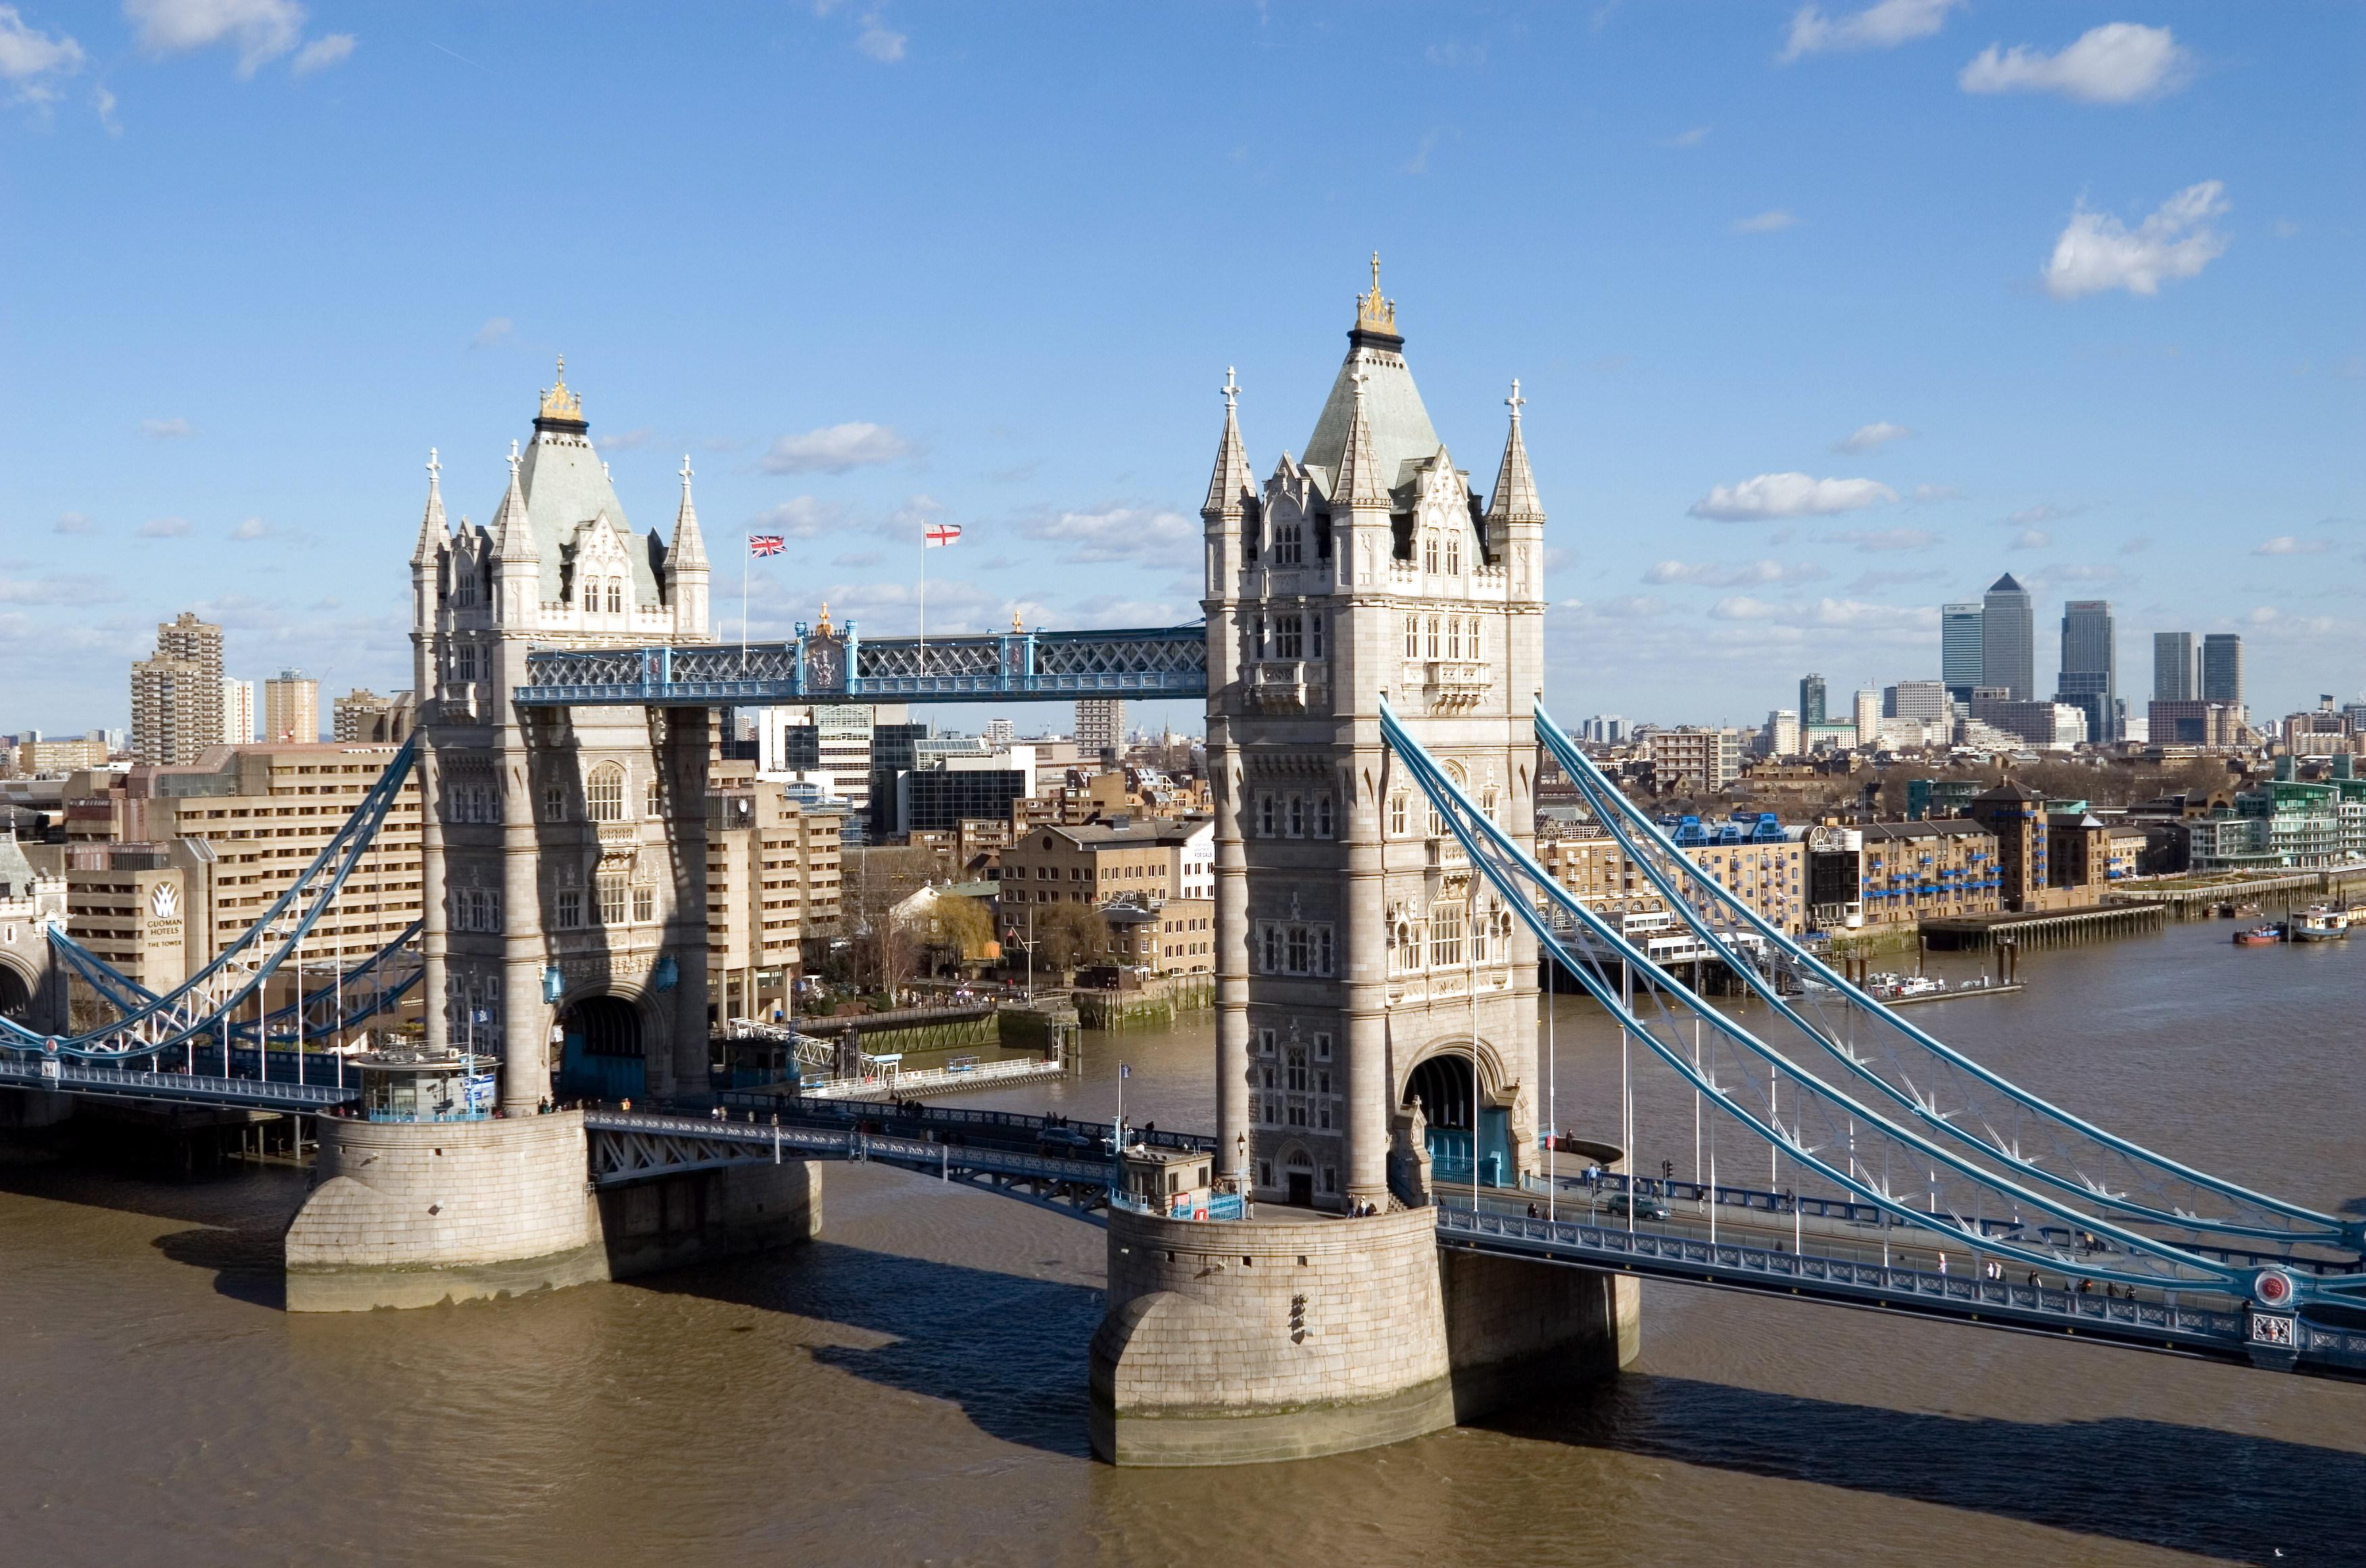 foto-londona-visokogo-razresheniya-bdsm-zhenshina